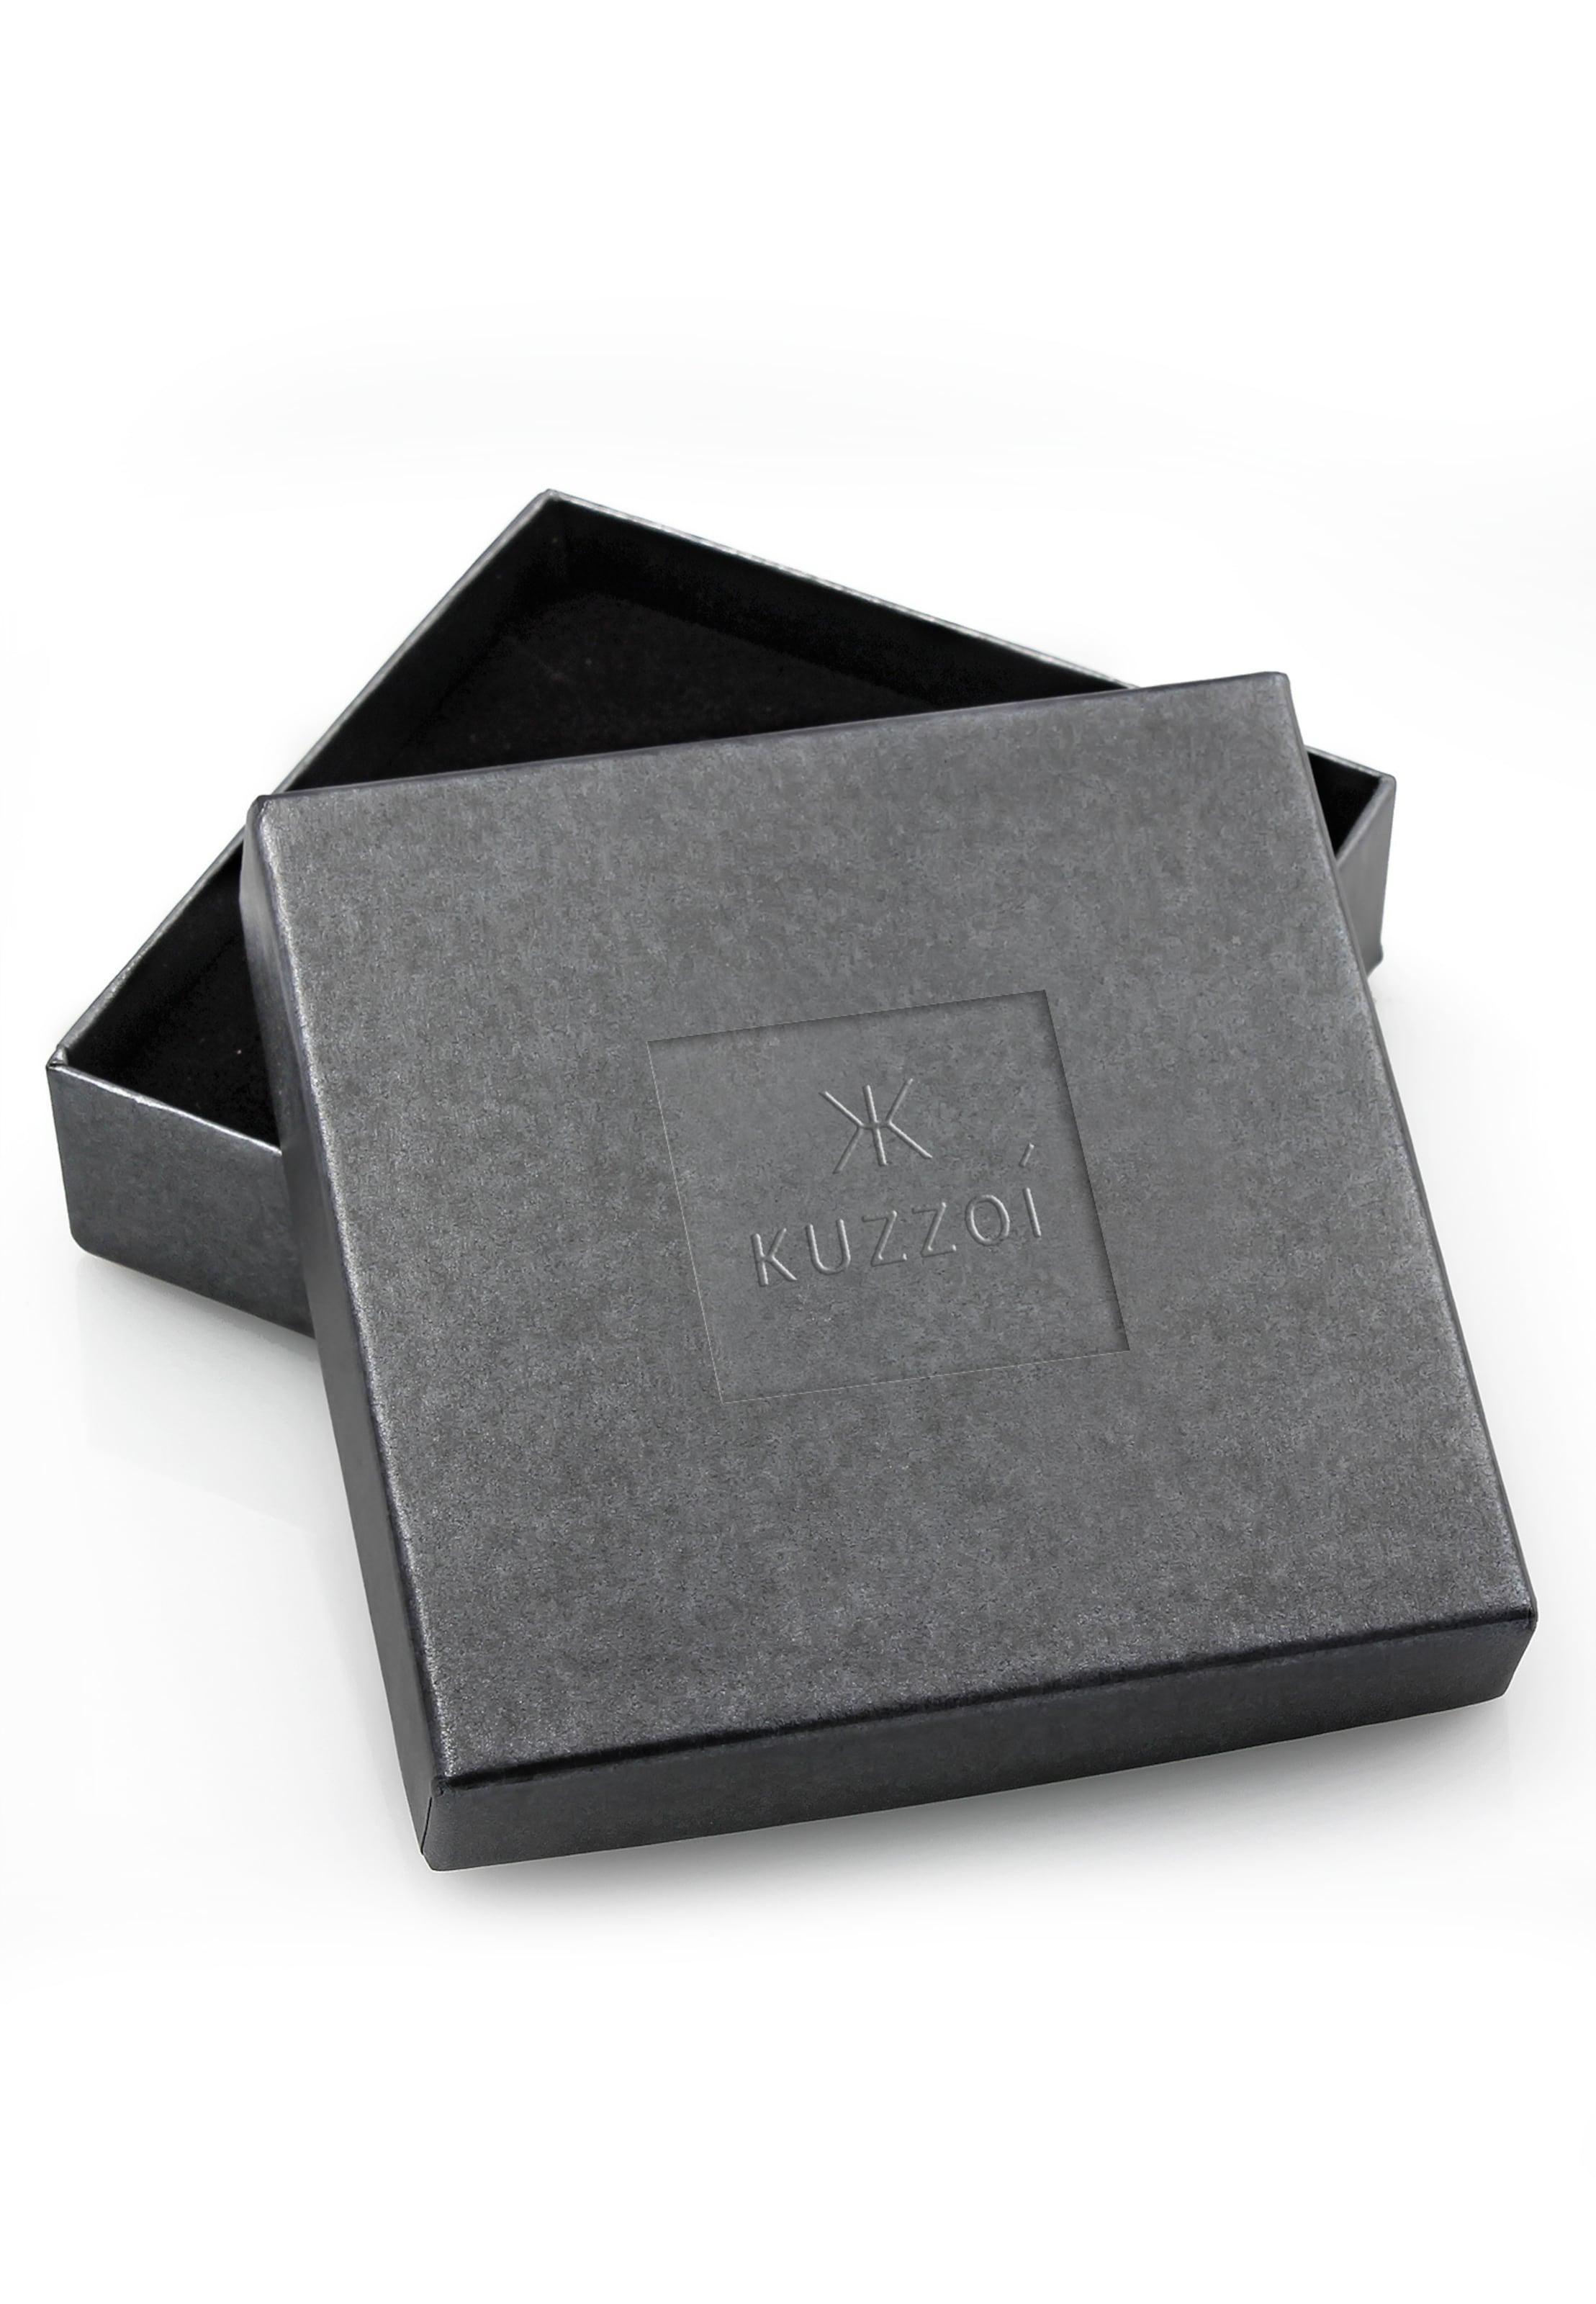 Kuzzoi Halskette Silbergrau In In Silbergrau Halskette Kuzzoi ON8Pnk0wXZ